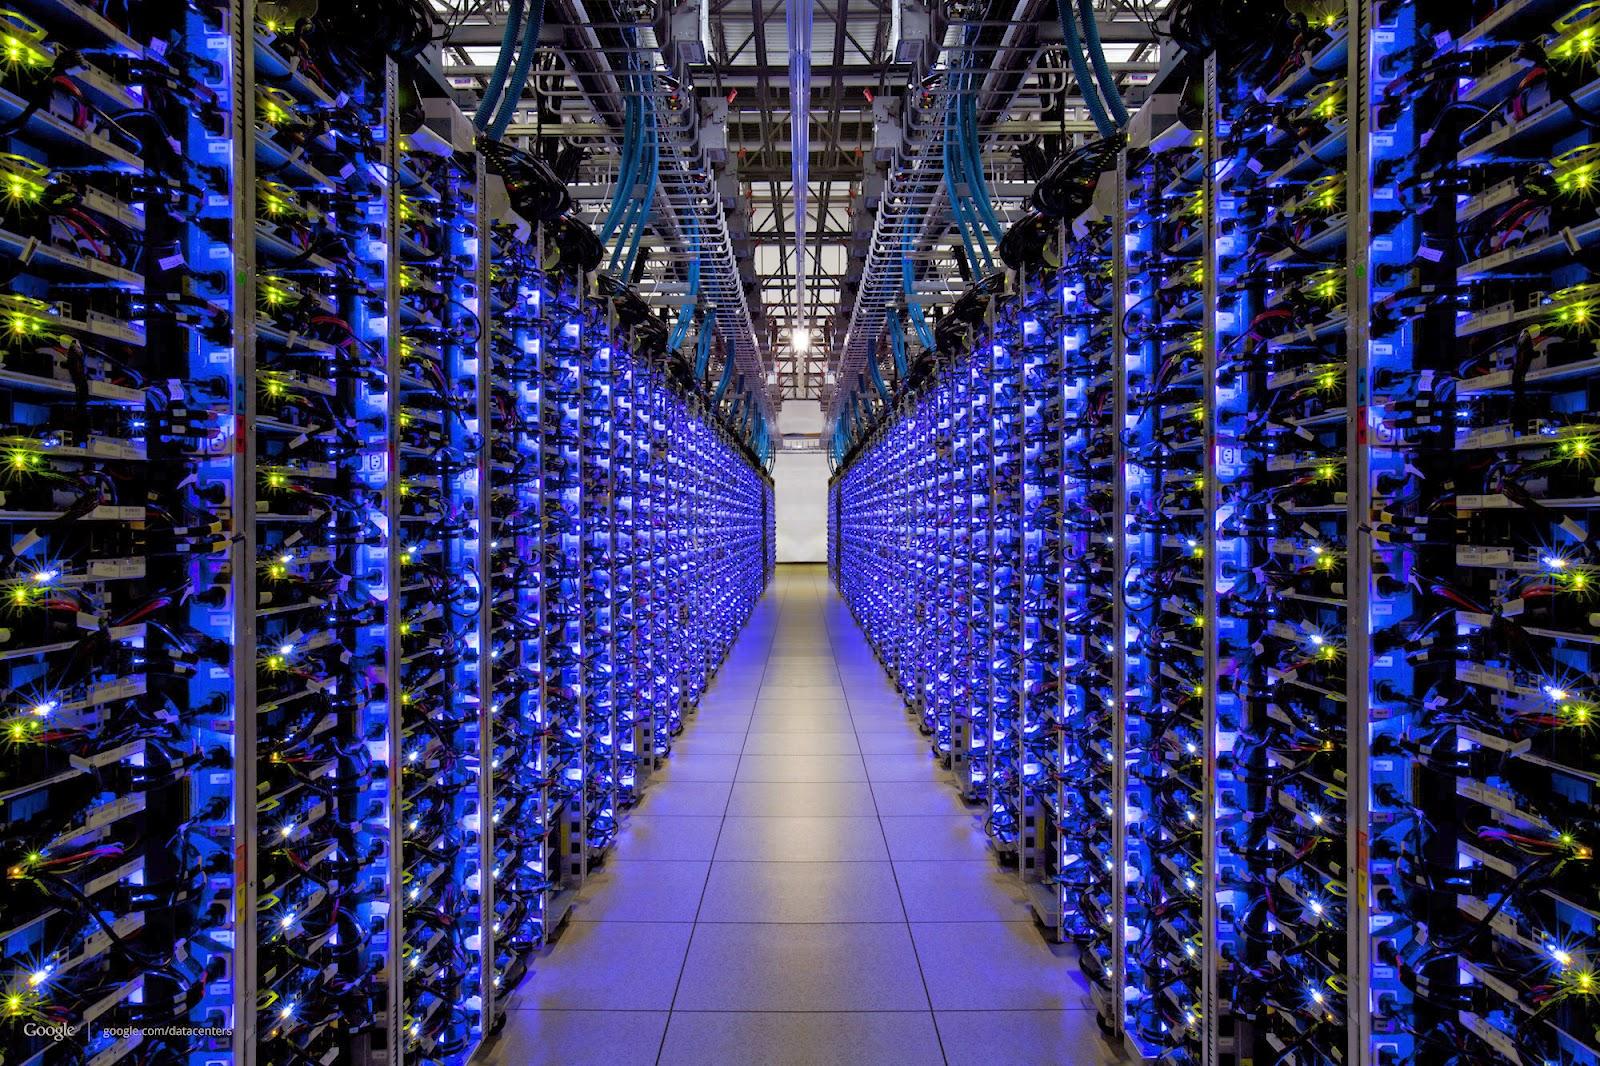 Google-datacenter_2.jpg